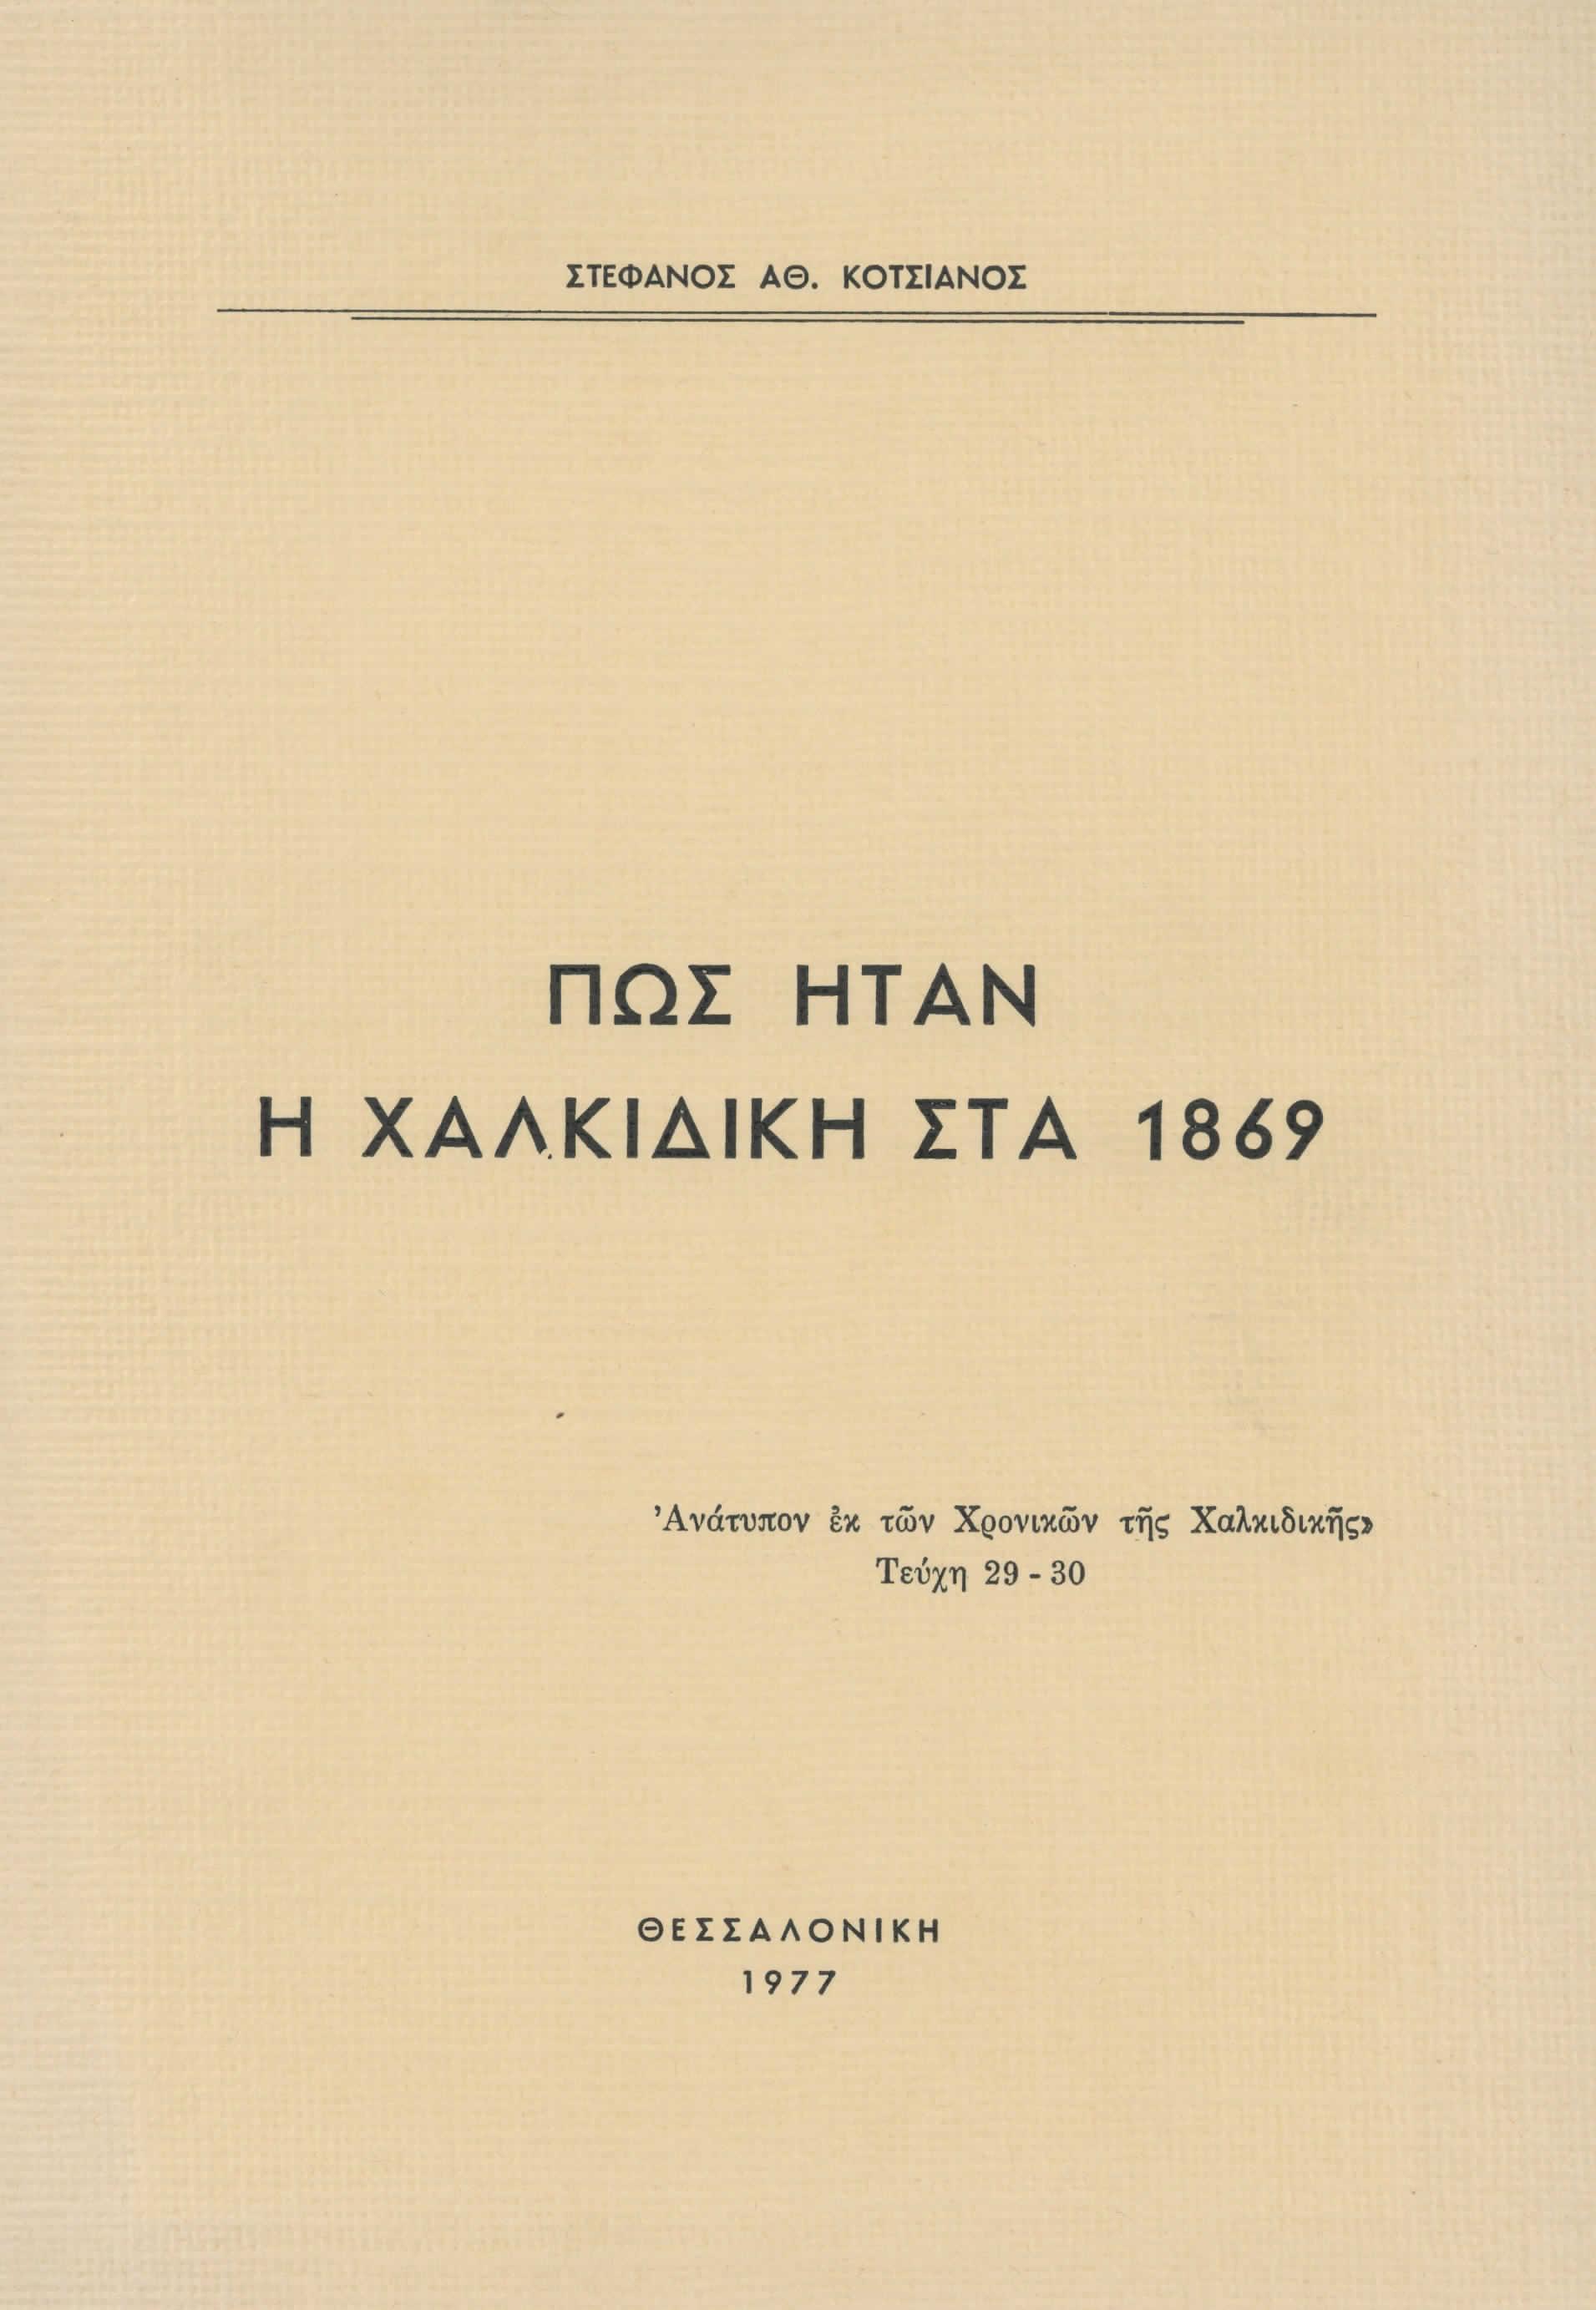 Πως ήταν η Χαλκιδική στα 1869